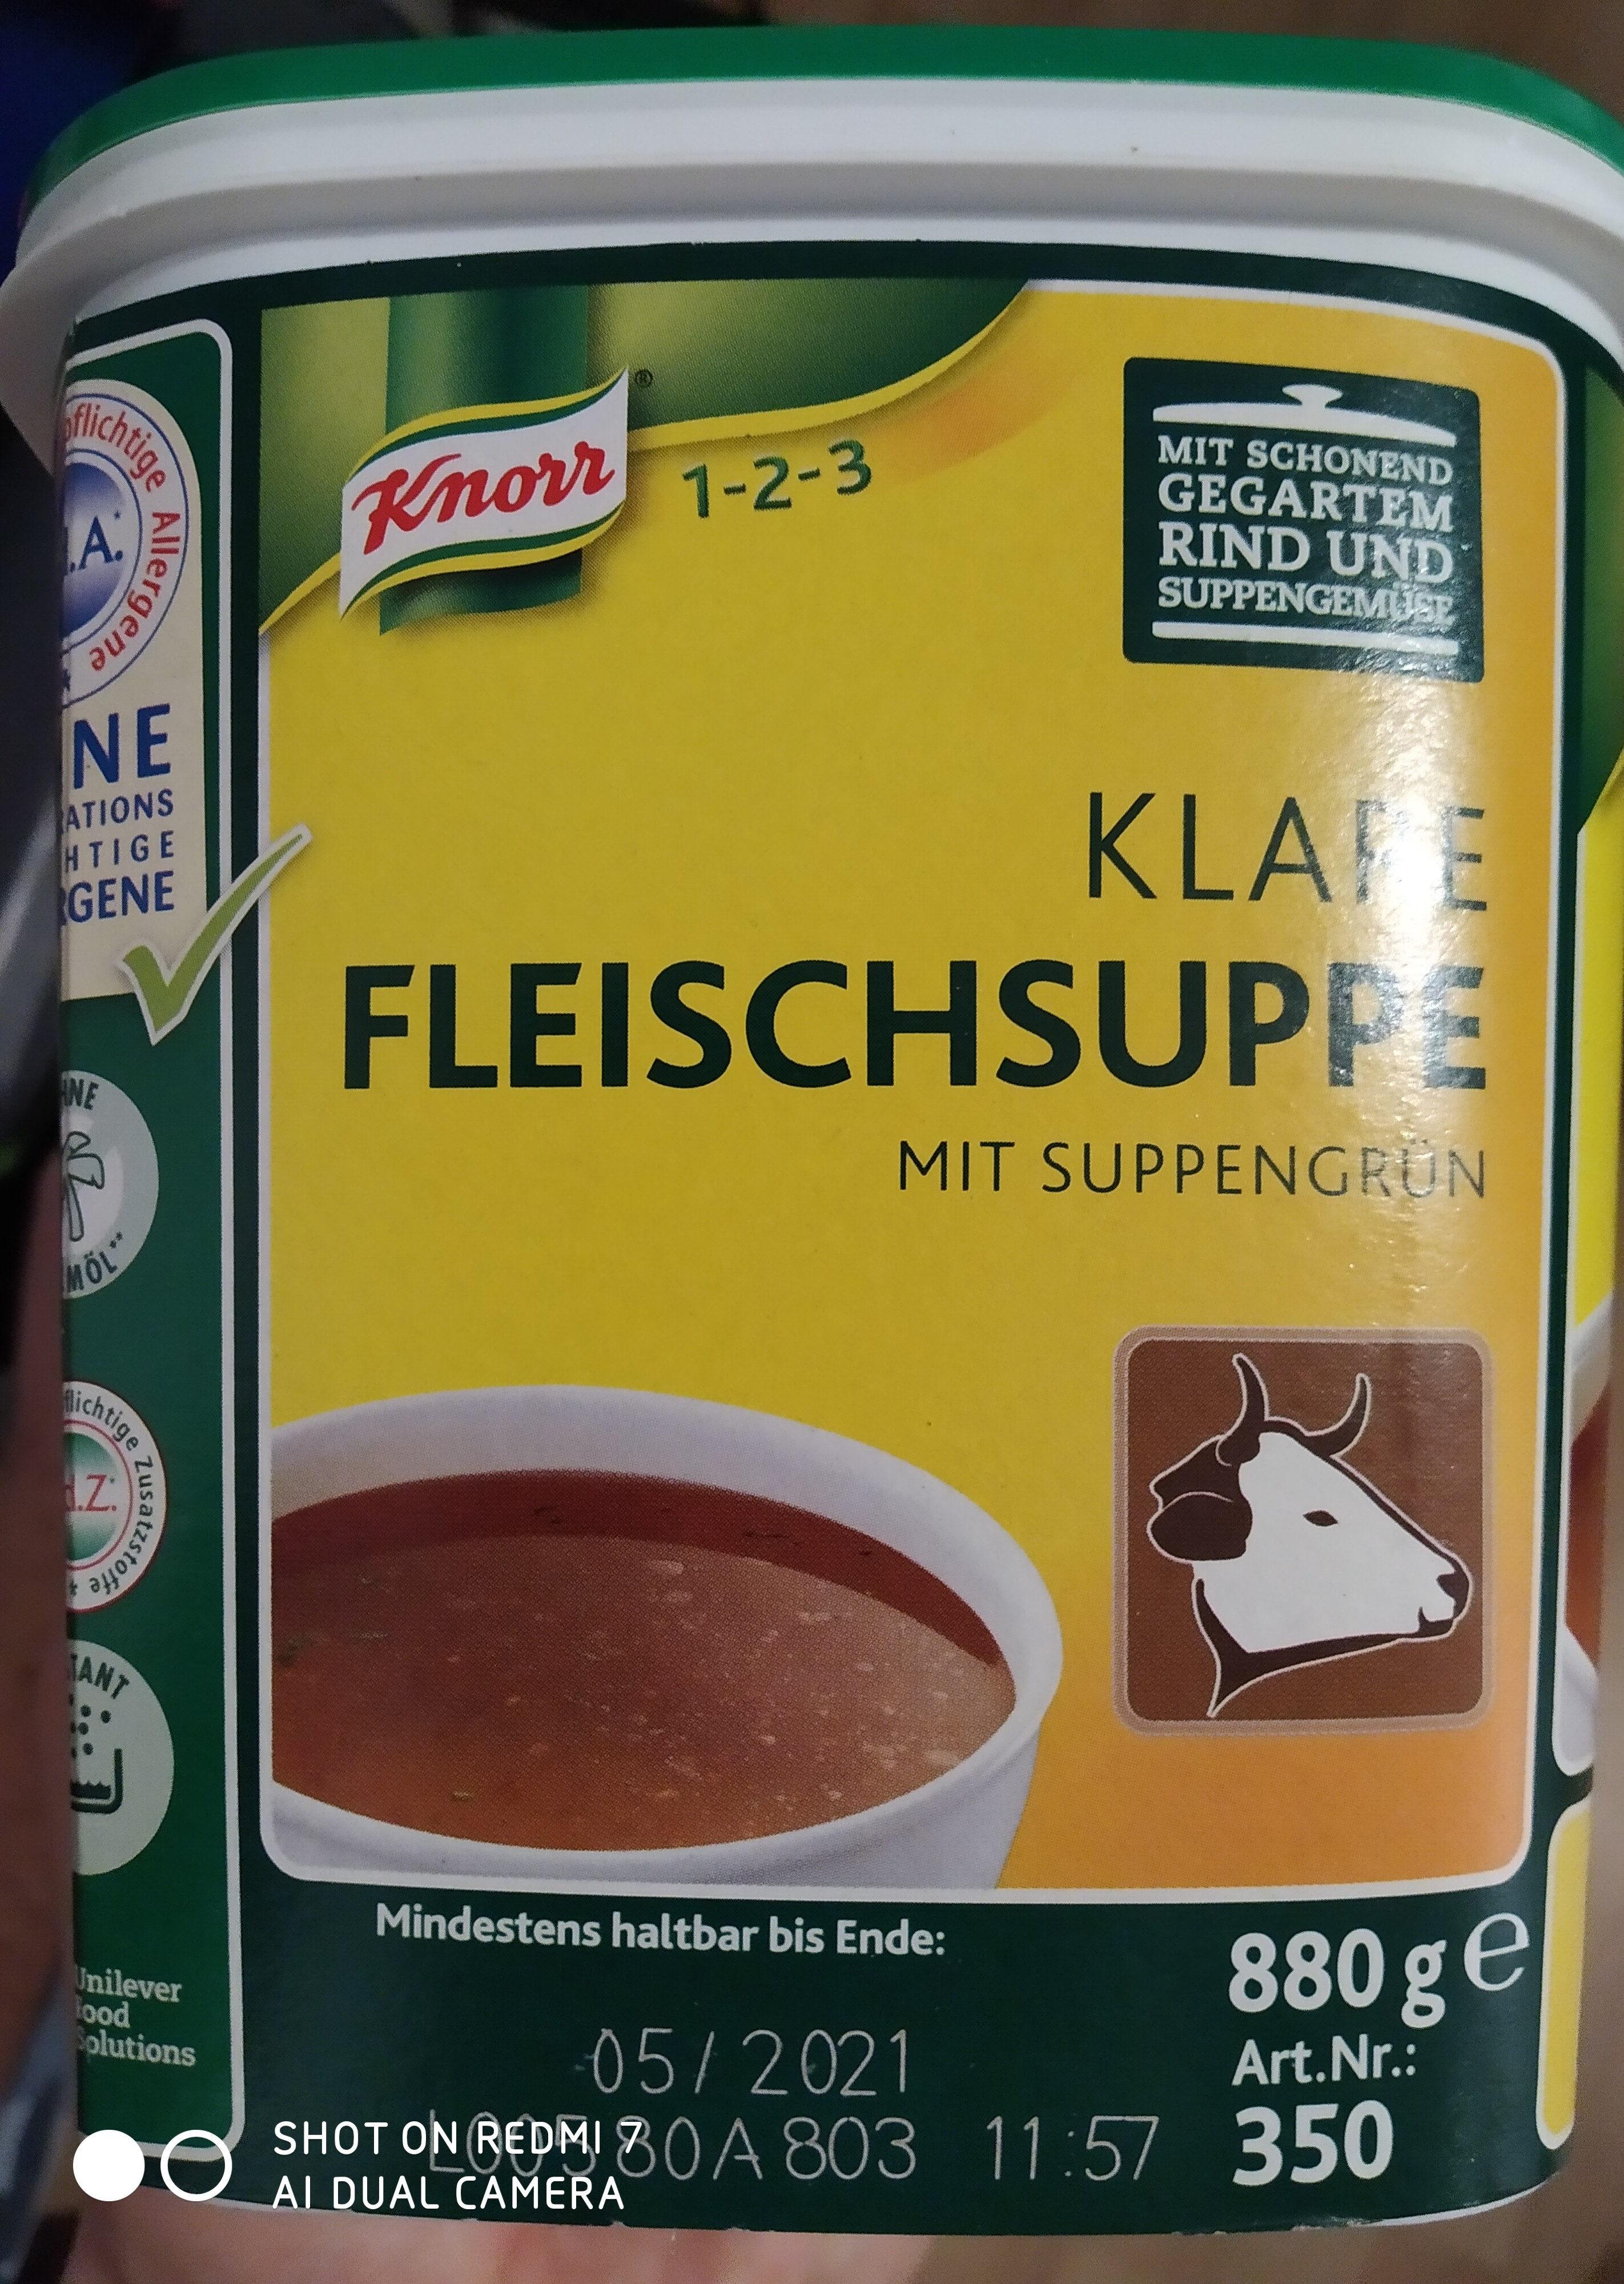 Fleischspeise knorr - Product - de